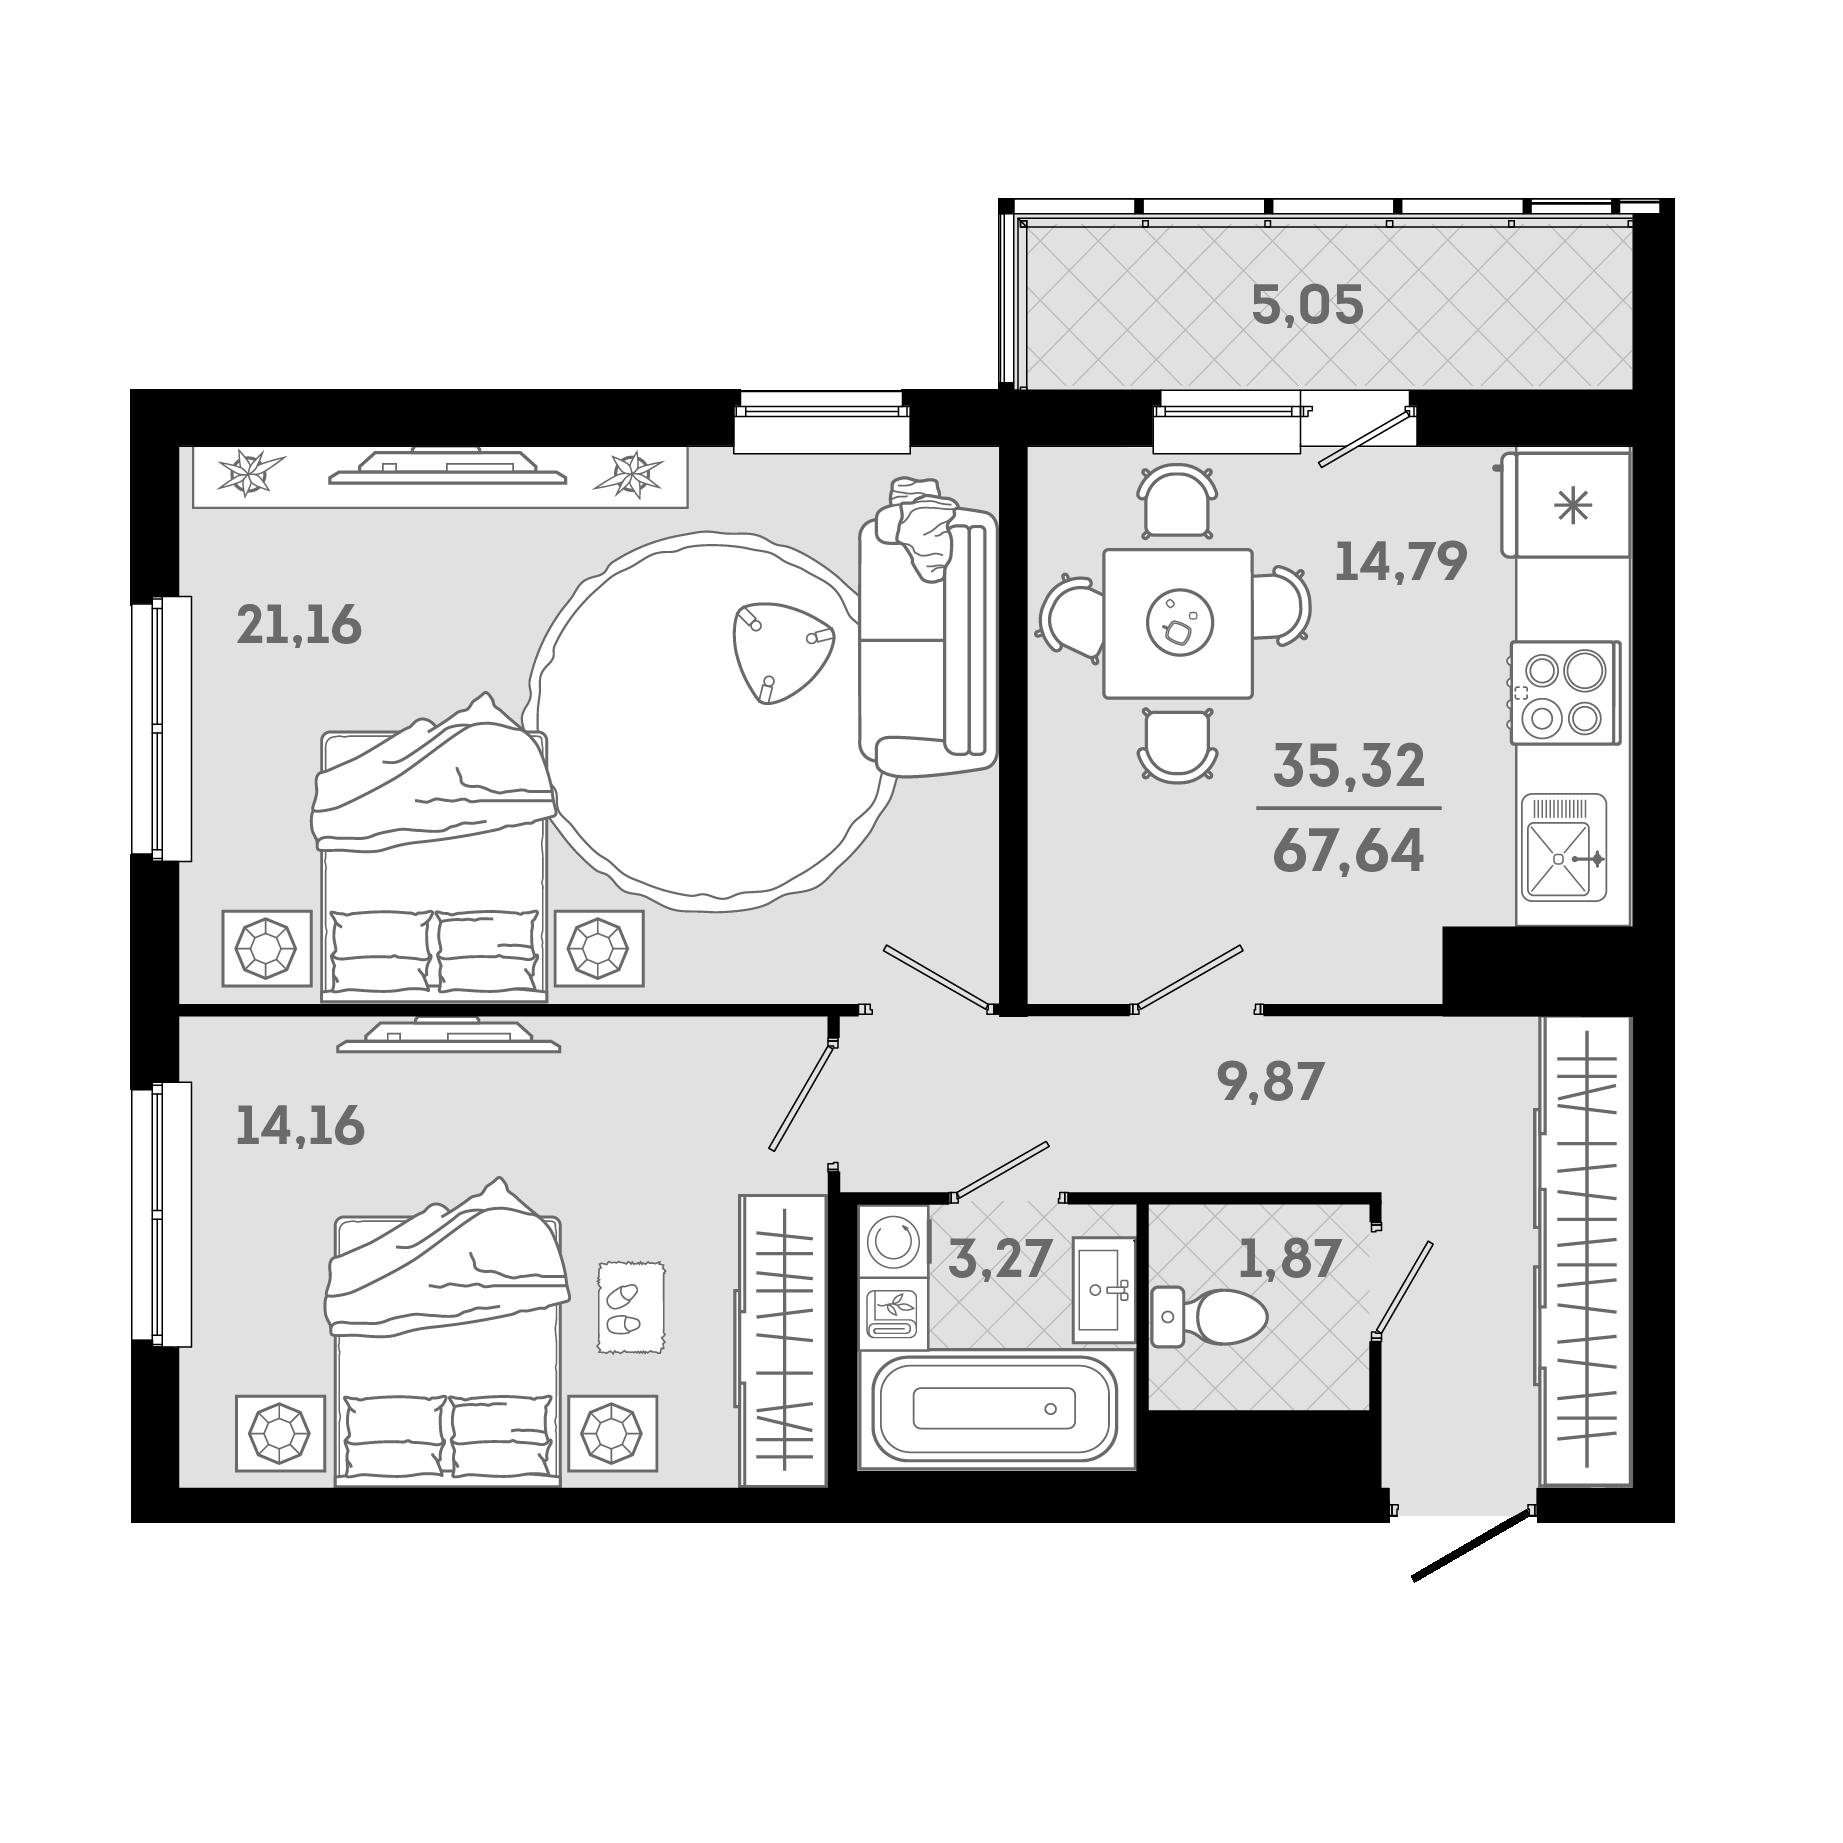 2-комнатная, 67.64 м²– 2